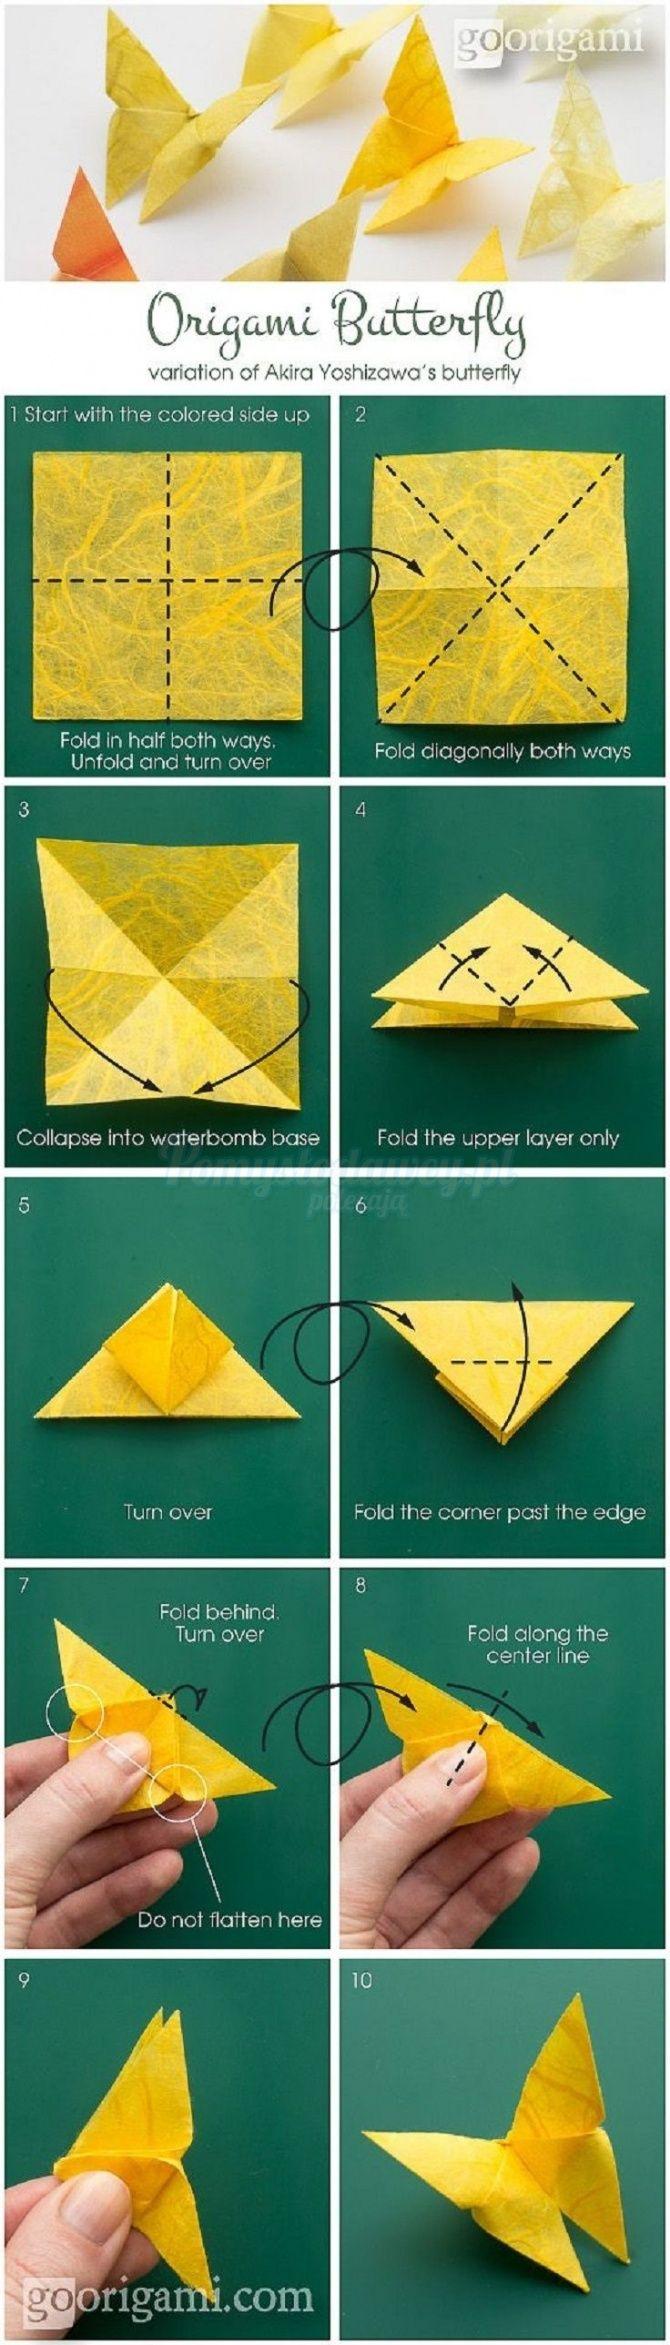 Pomyslodawcy Pl Serwis Bardziej Kreatywny Origami Diy Origami Paper Crafts